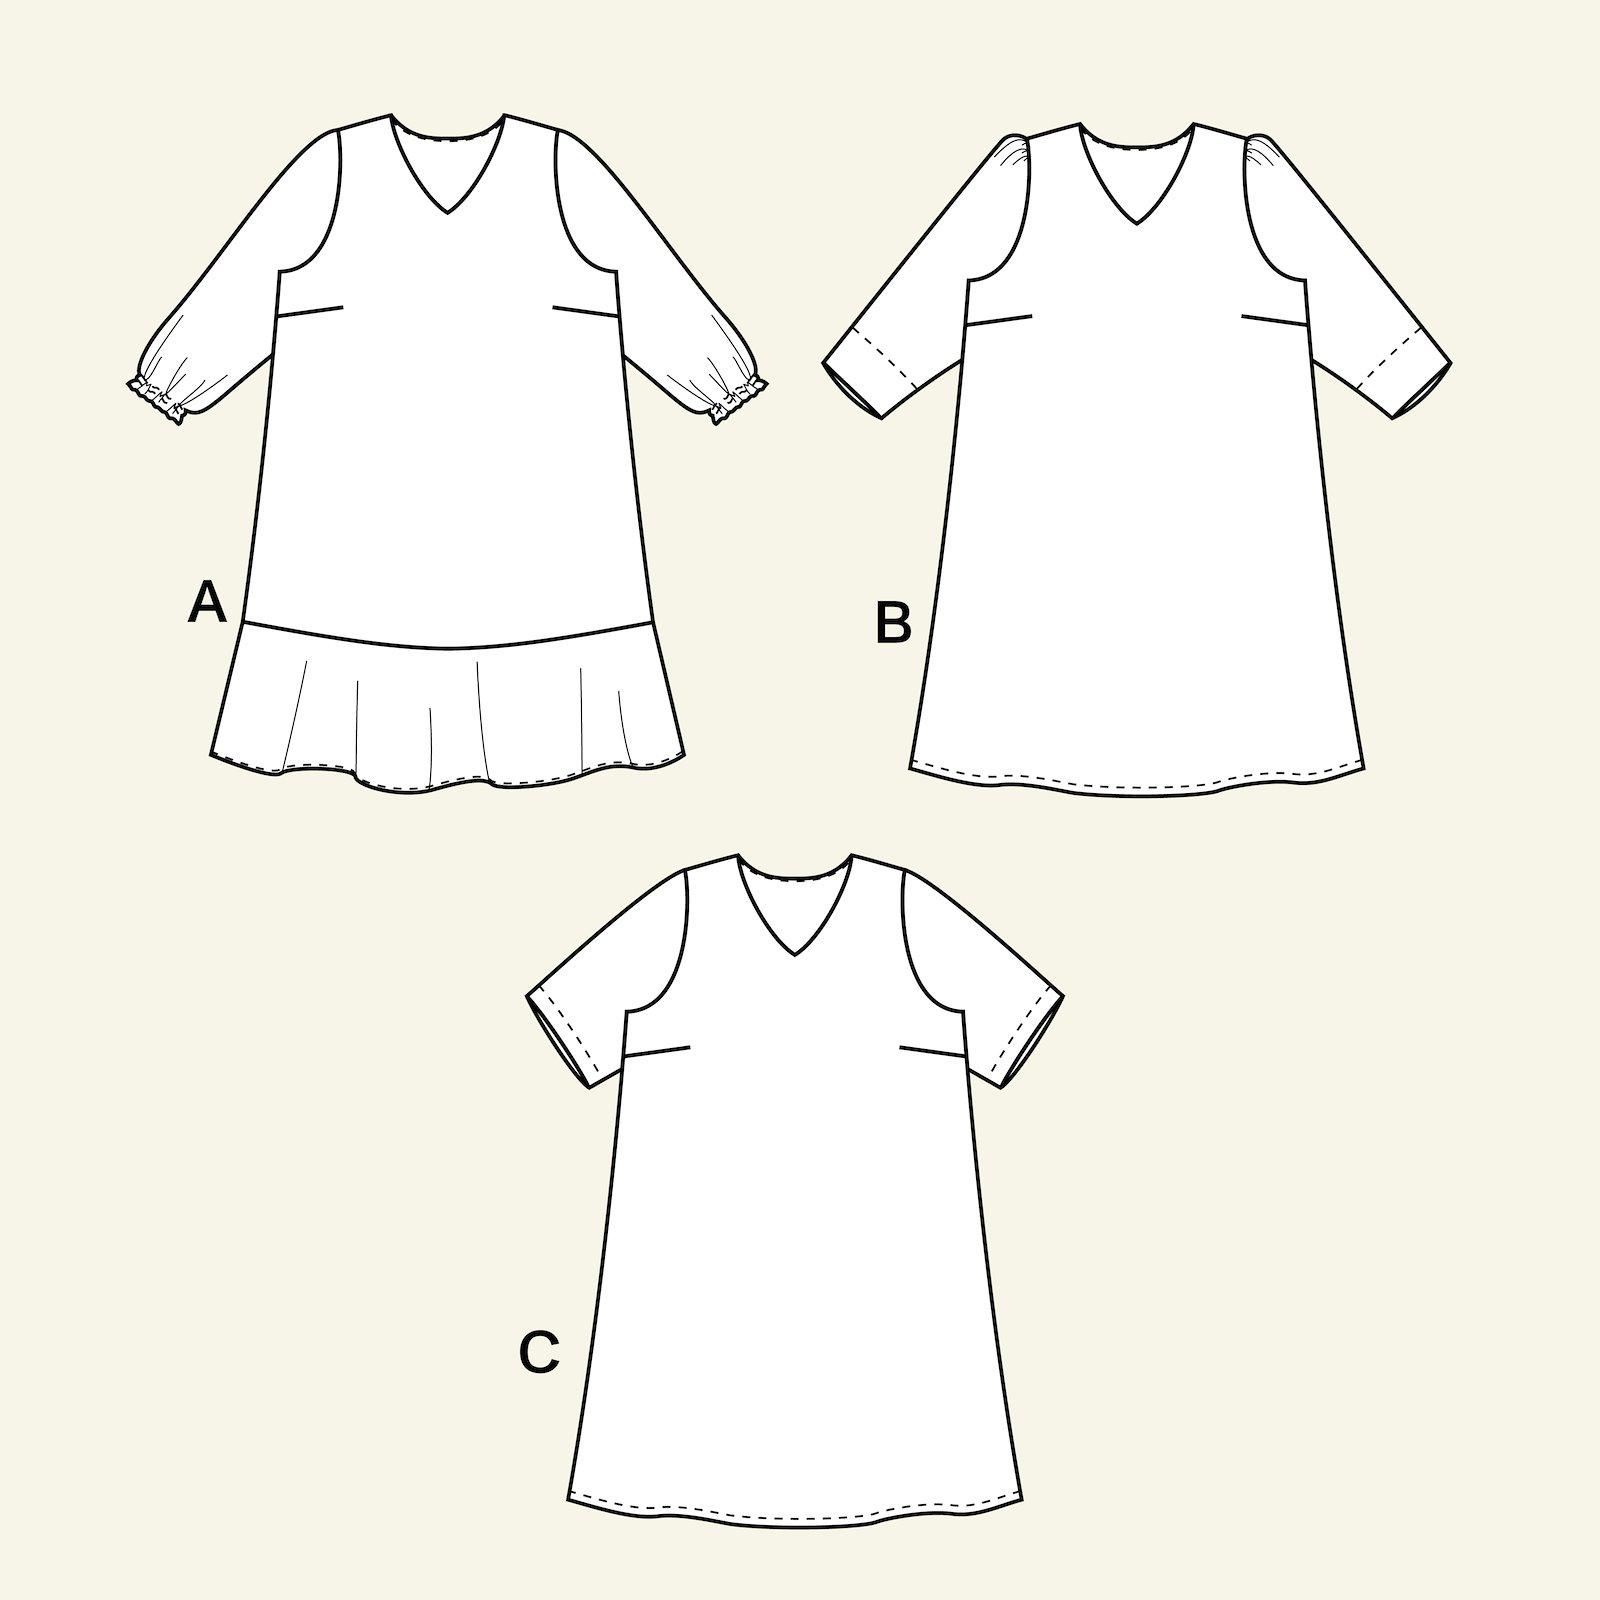 Kleid mit langen und kürzen Ärmeln p73018_pack